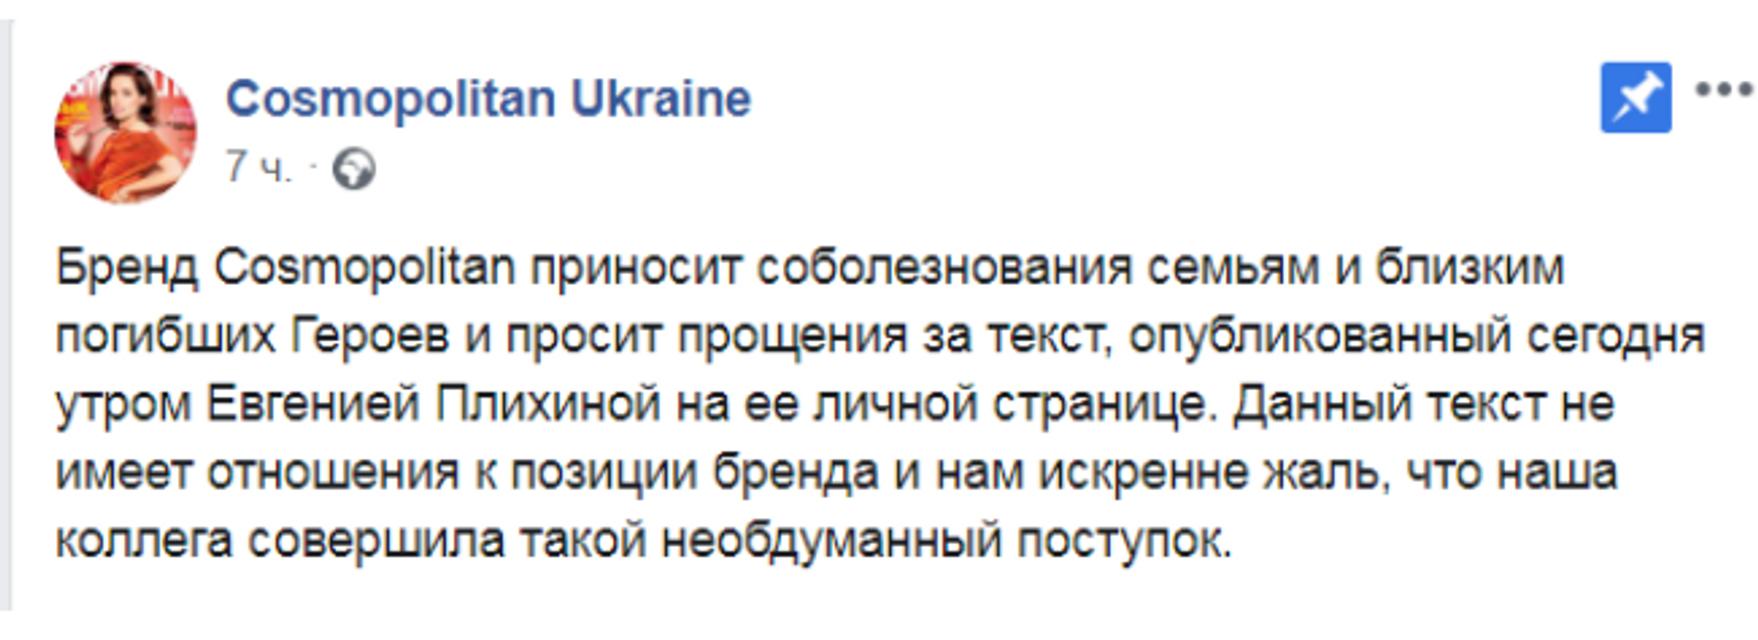 Осмеяние похорон Героя Украины: Cosmopolitan попросил 'прощения' - фото 192343